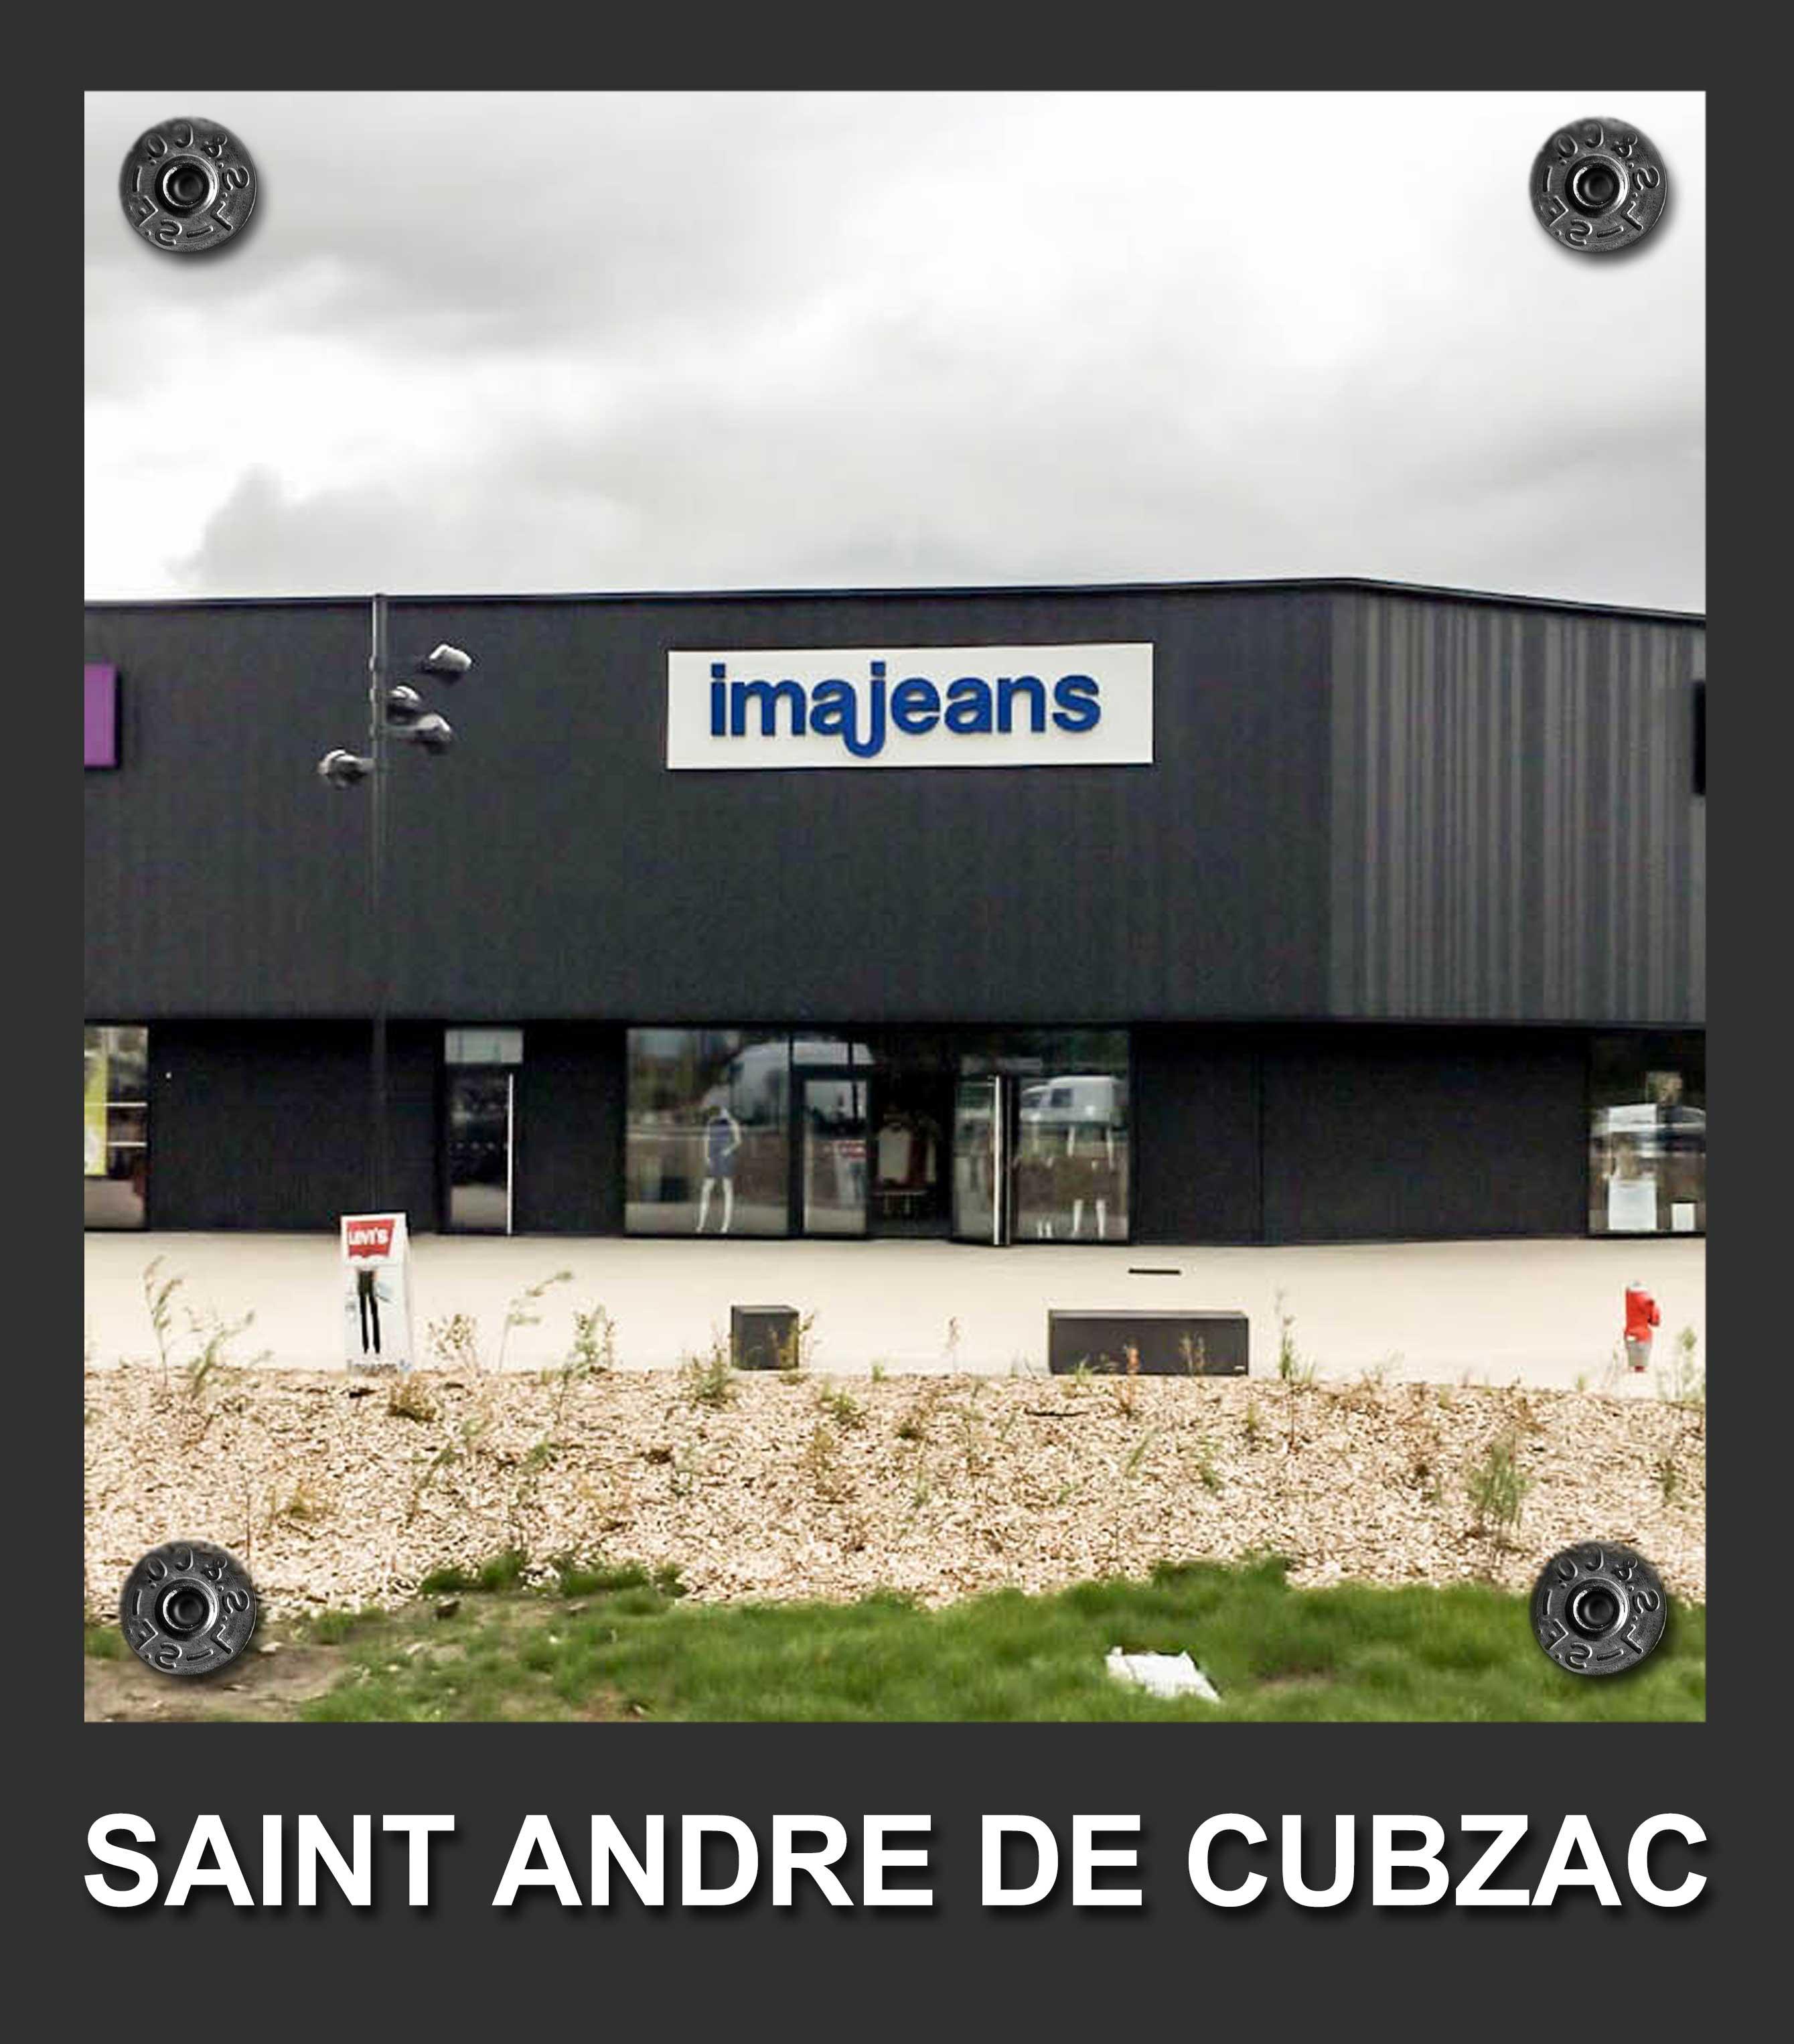 Imajeans Saint André de Cubzac